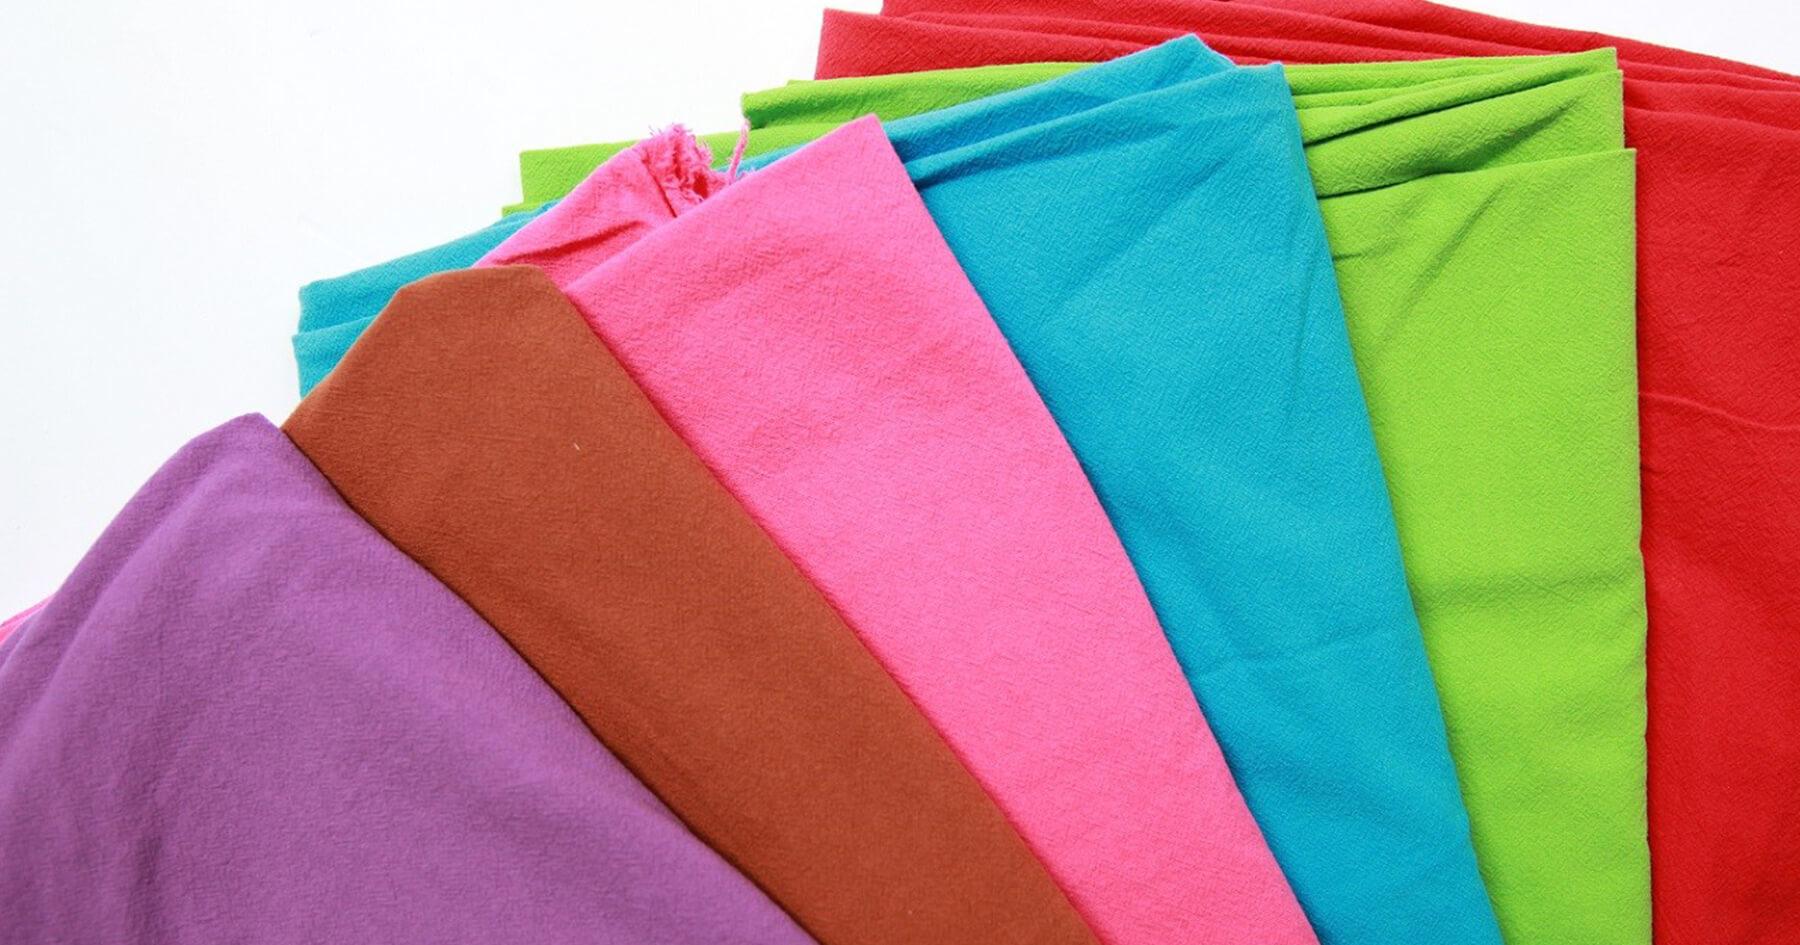 Vải cotton là gì? Hiểu rõ hơn về các loại vải cotton